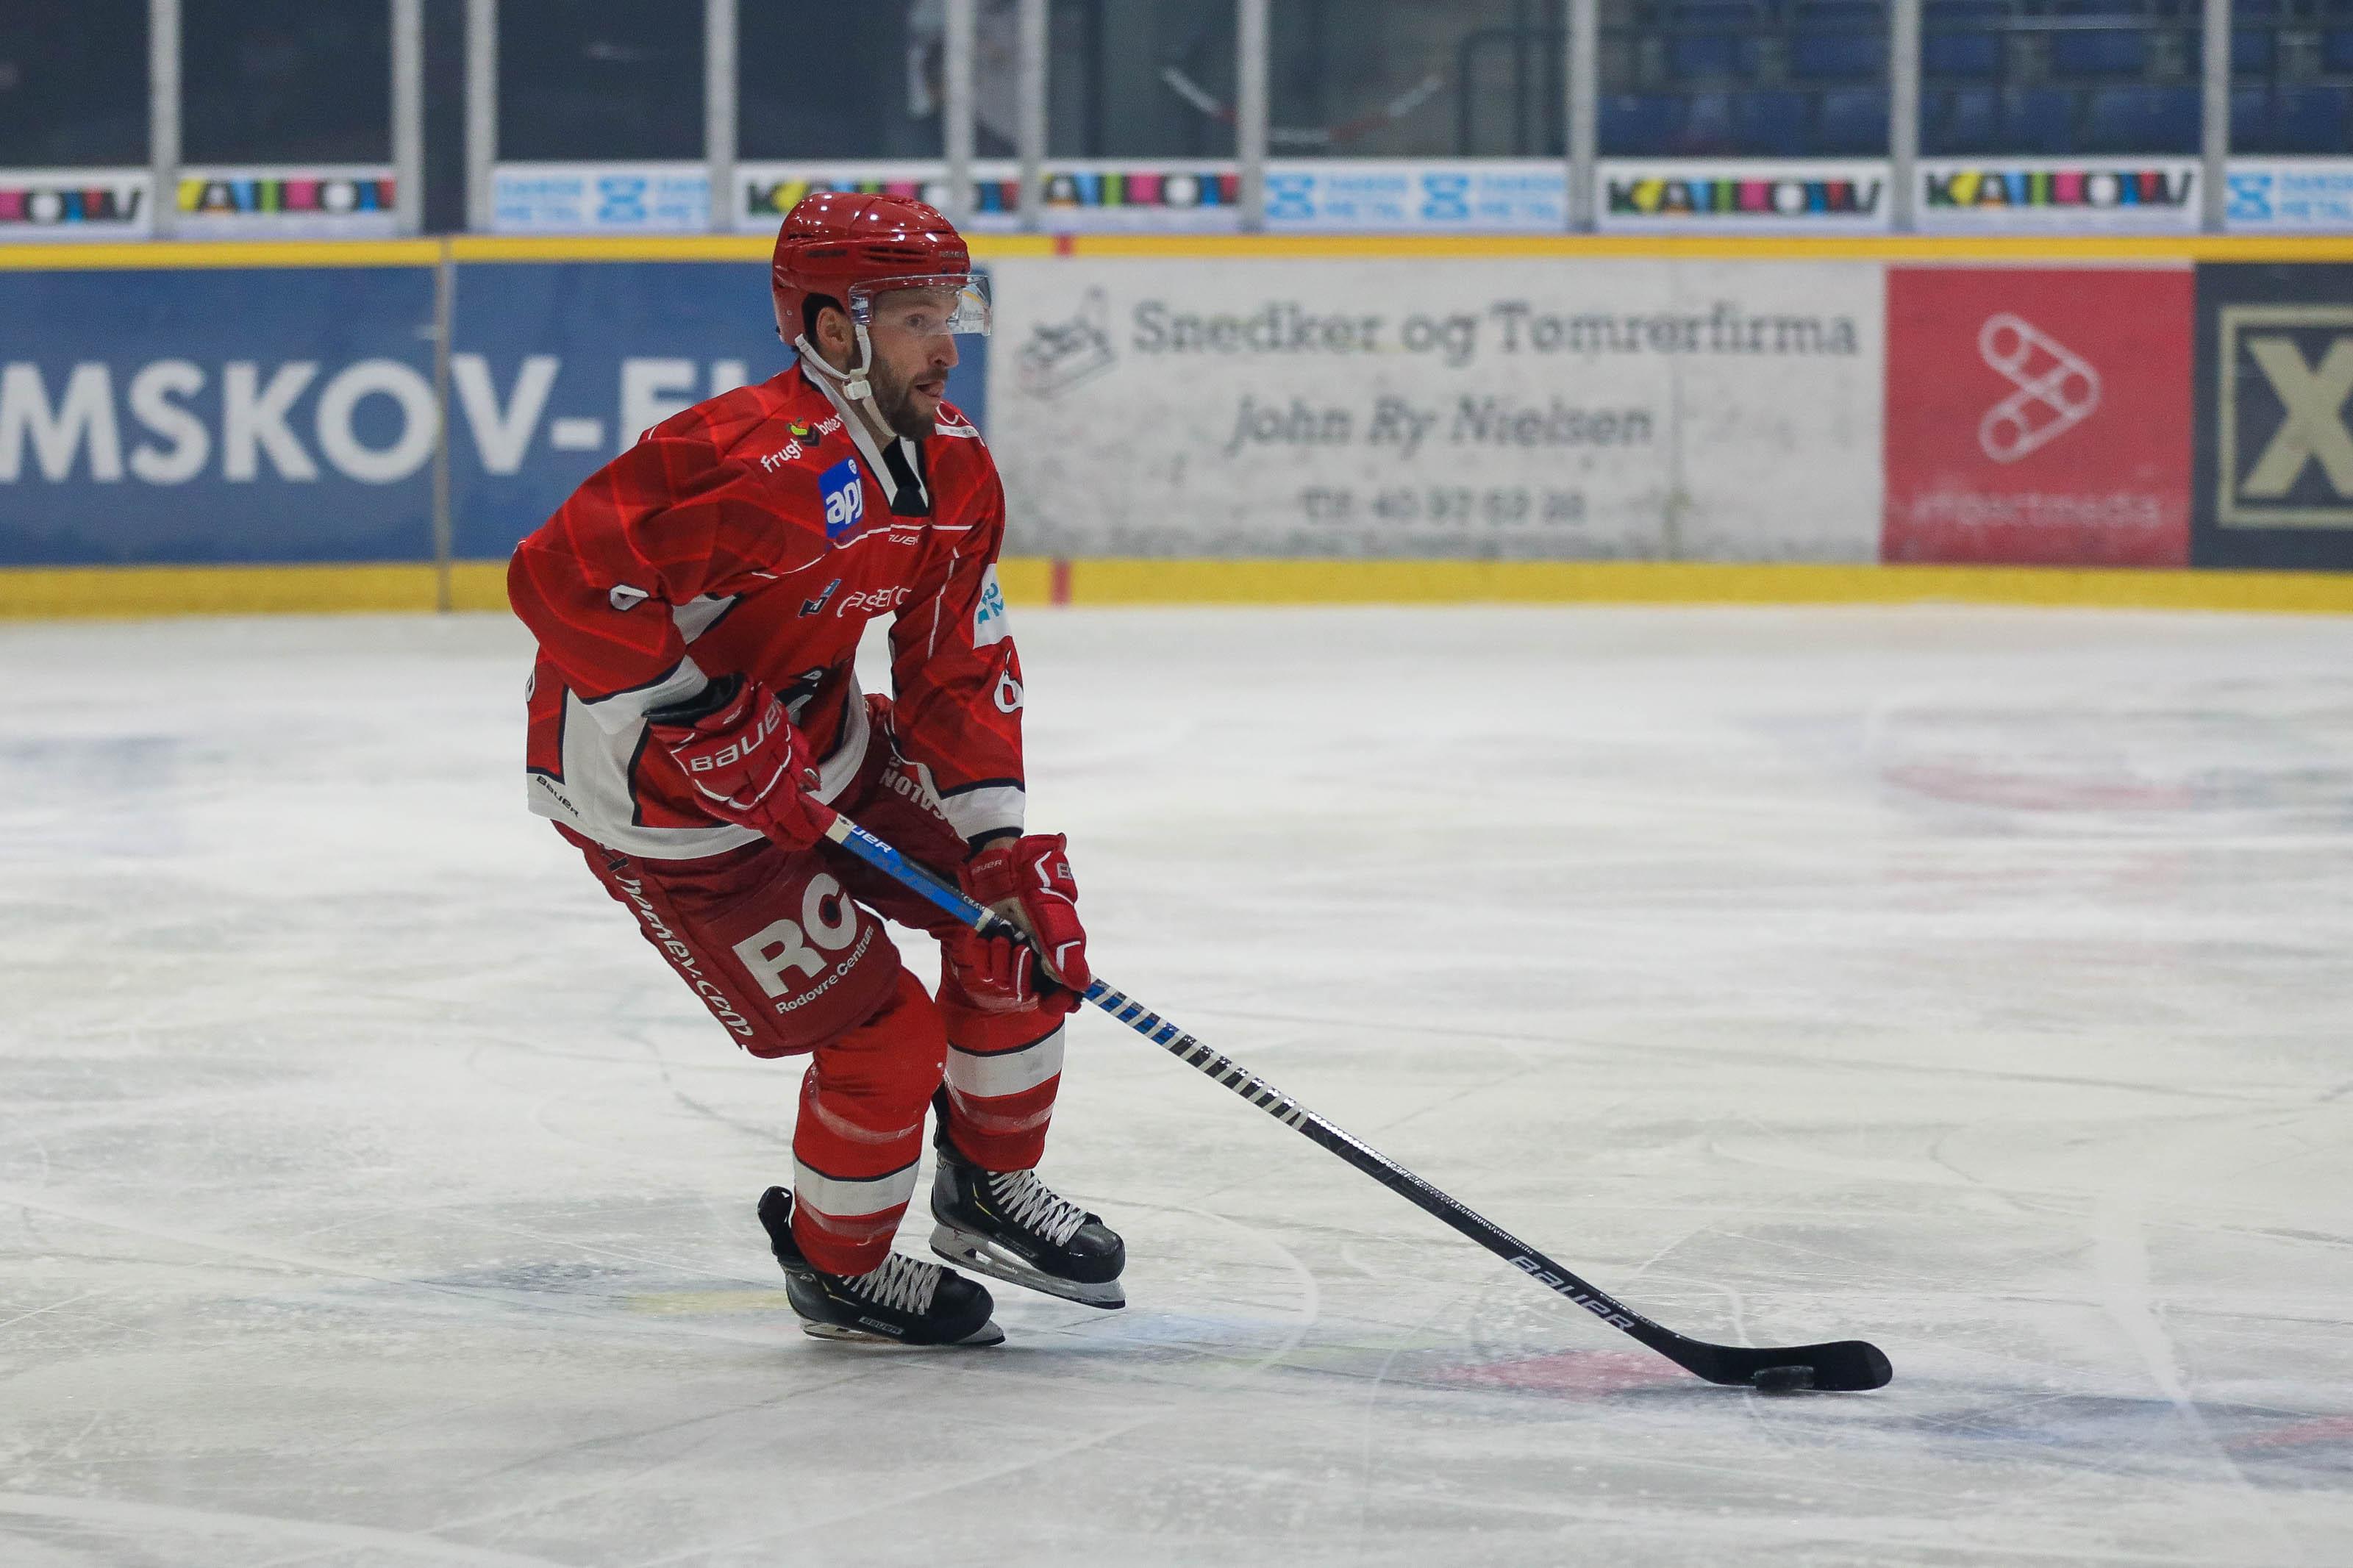 En Rødovre-spiller fører pucken frem ad isen.